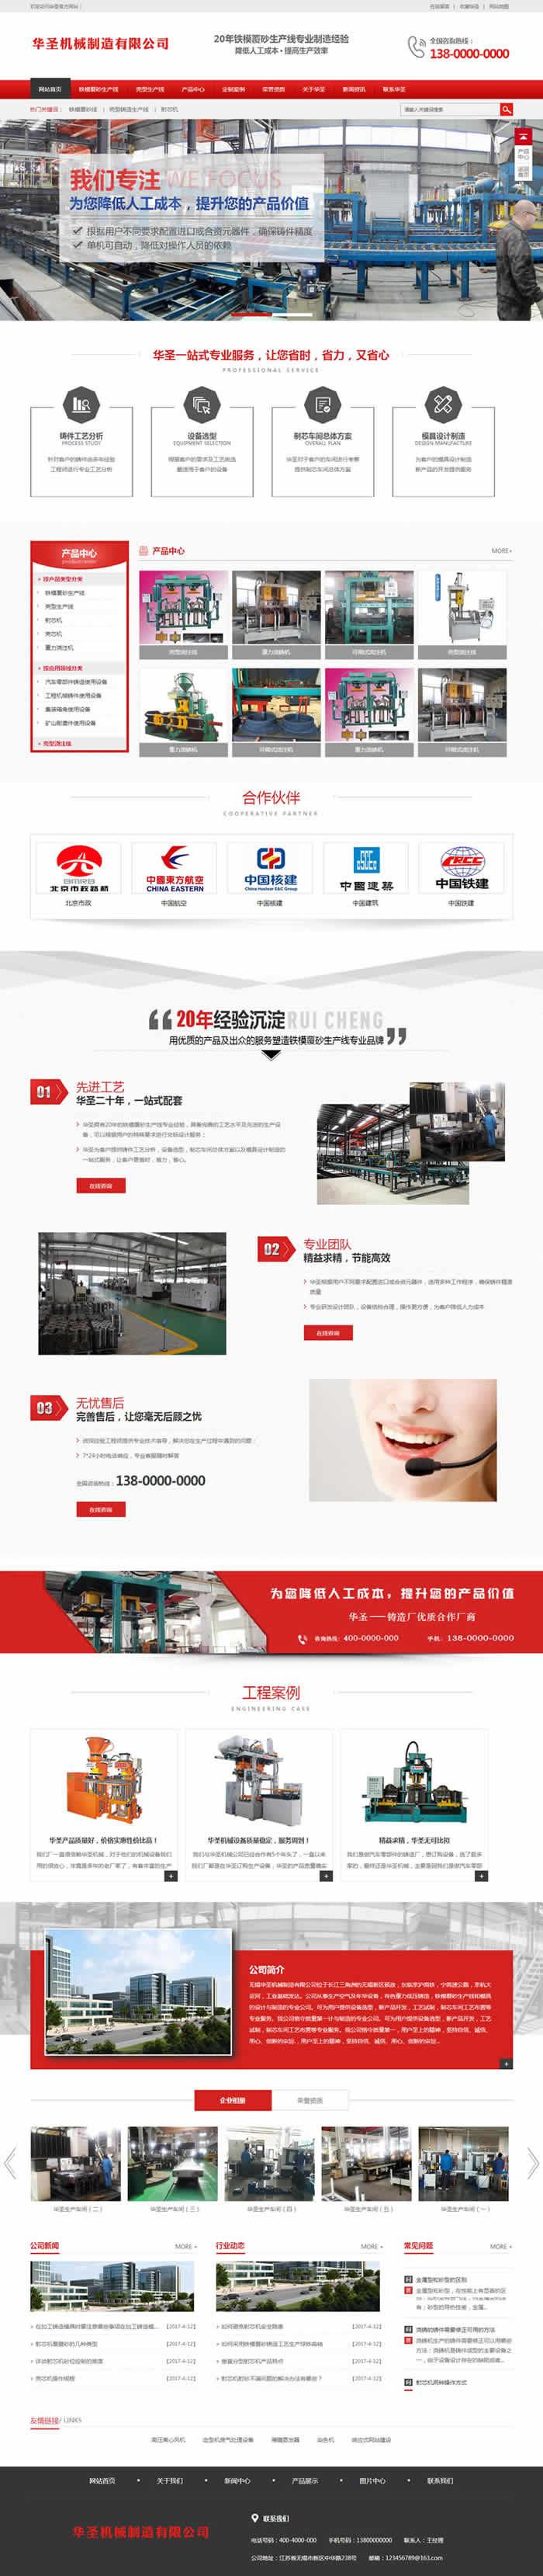 機械類營銷型網站